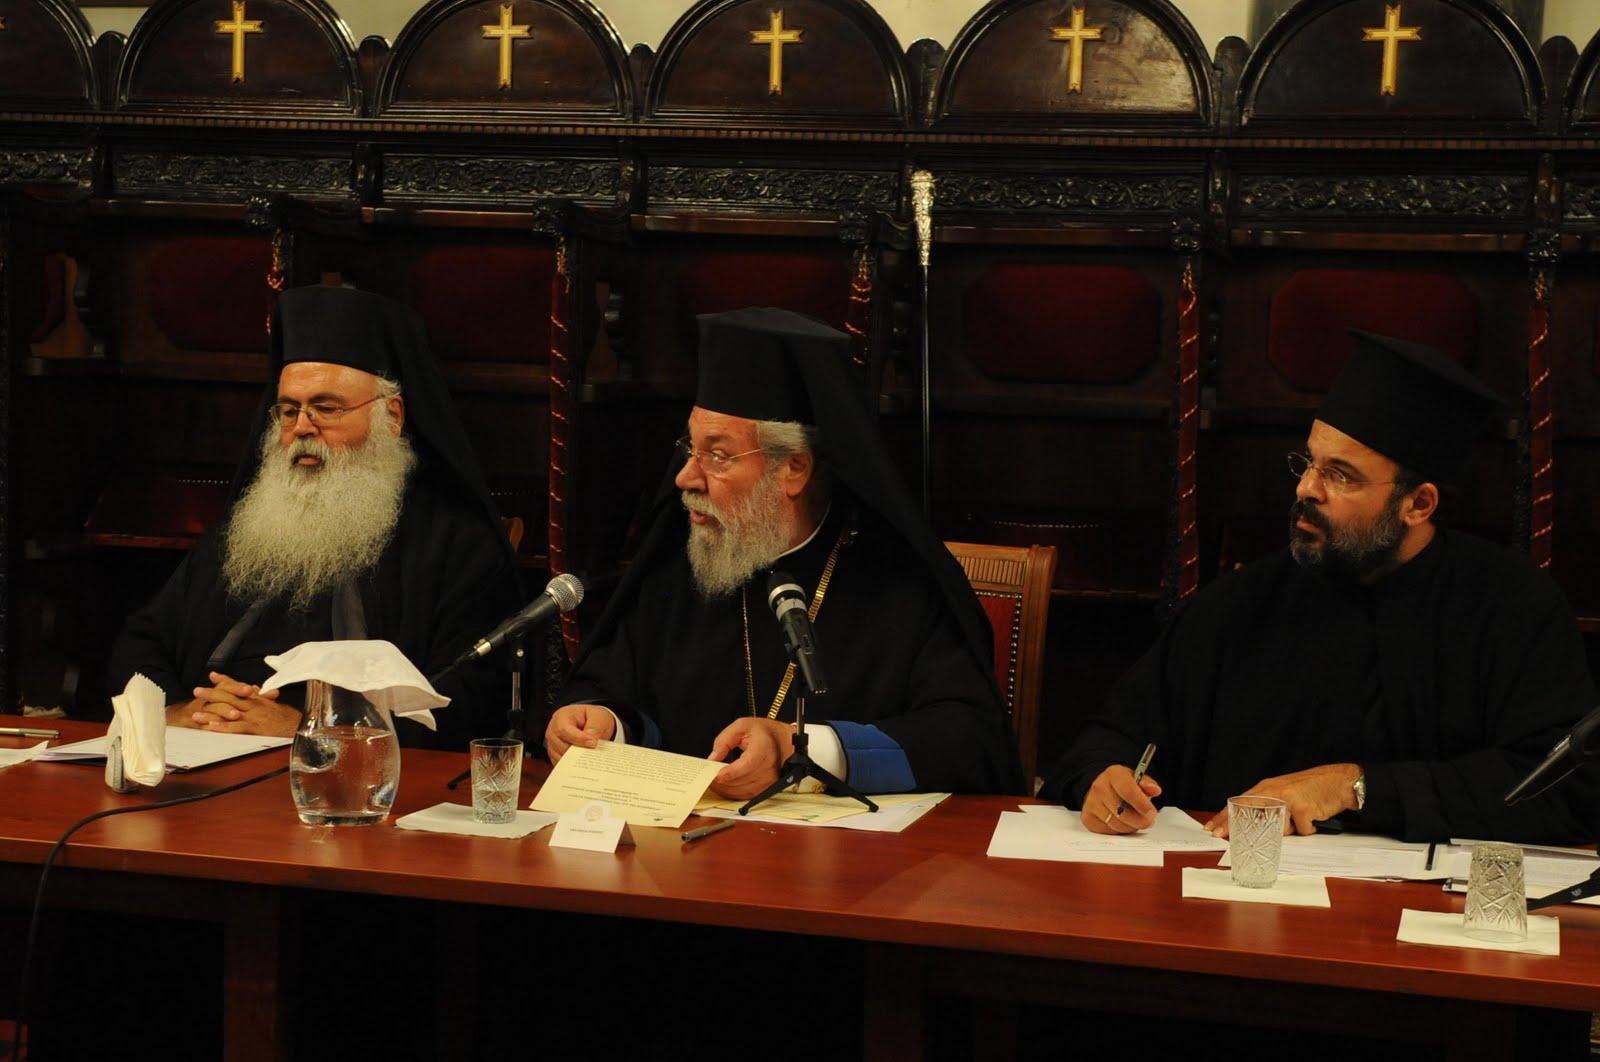 Совещание «нео-пентархии». Стамбул, 1-2 сентября 2011 г. Архиеп. Хризостом